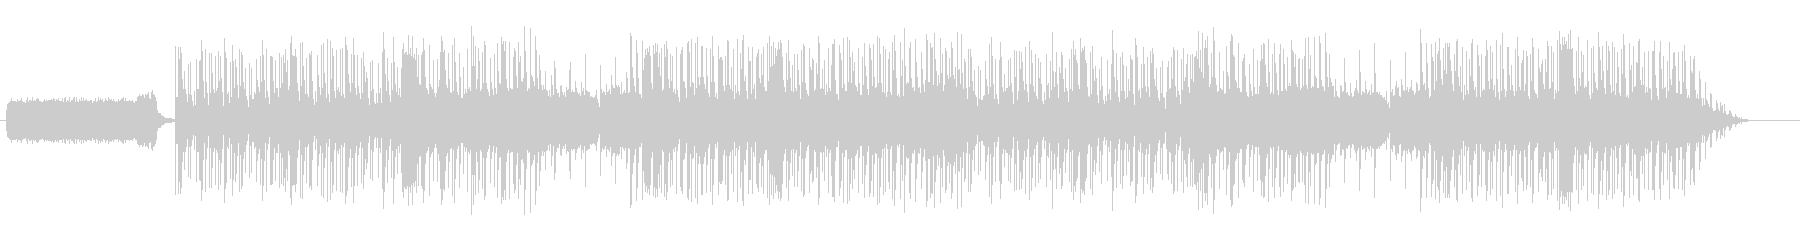 ゴシックホラーゲーム風のループBGMの未再生の波形